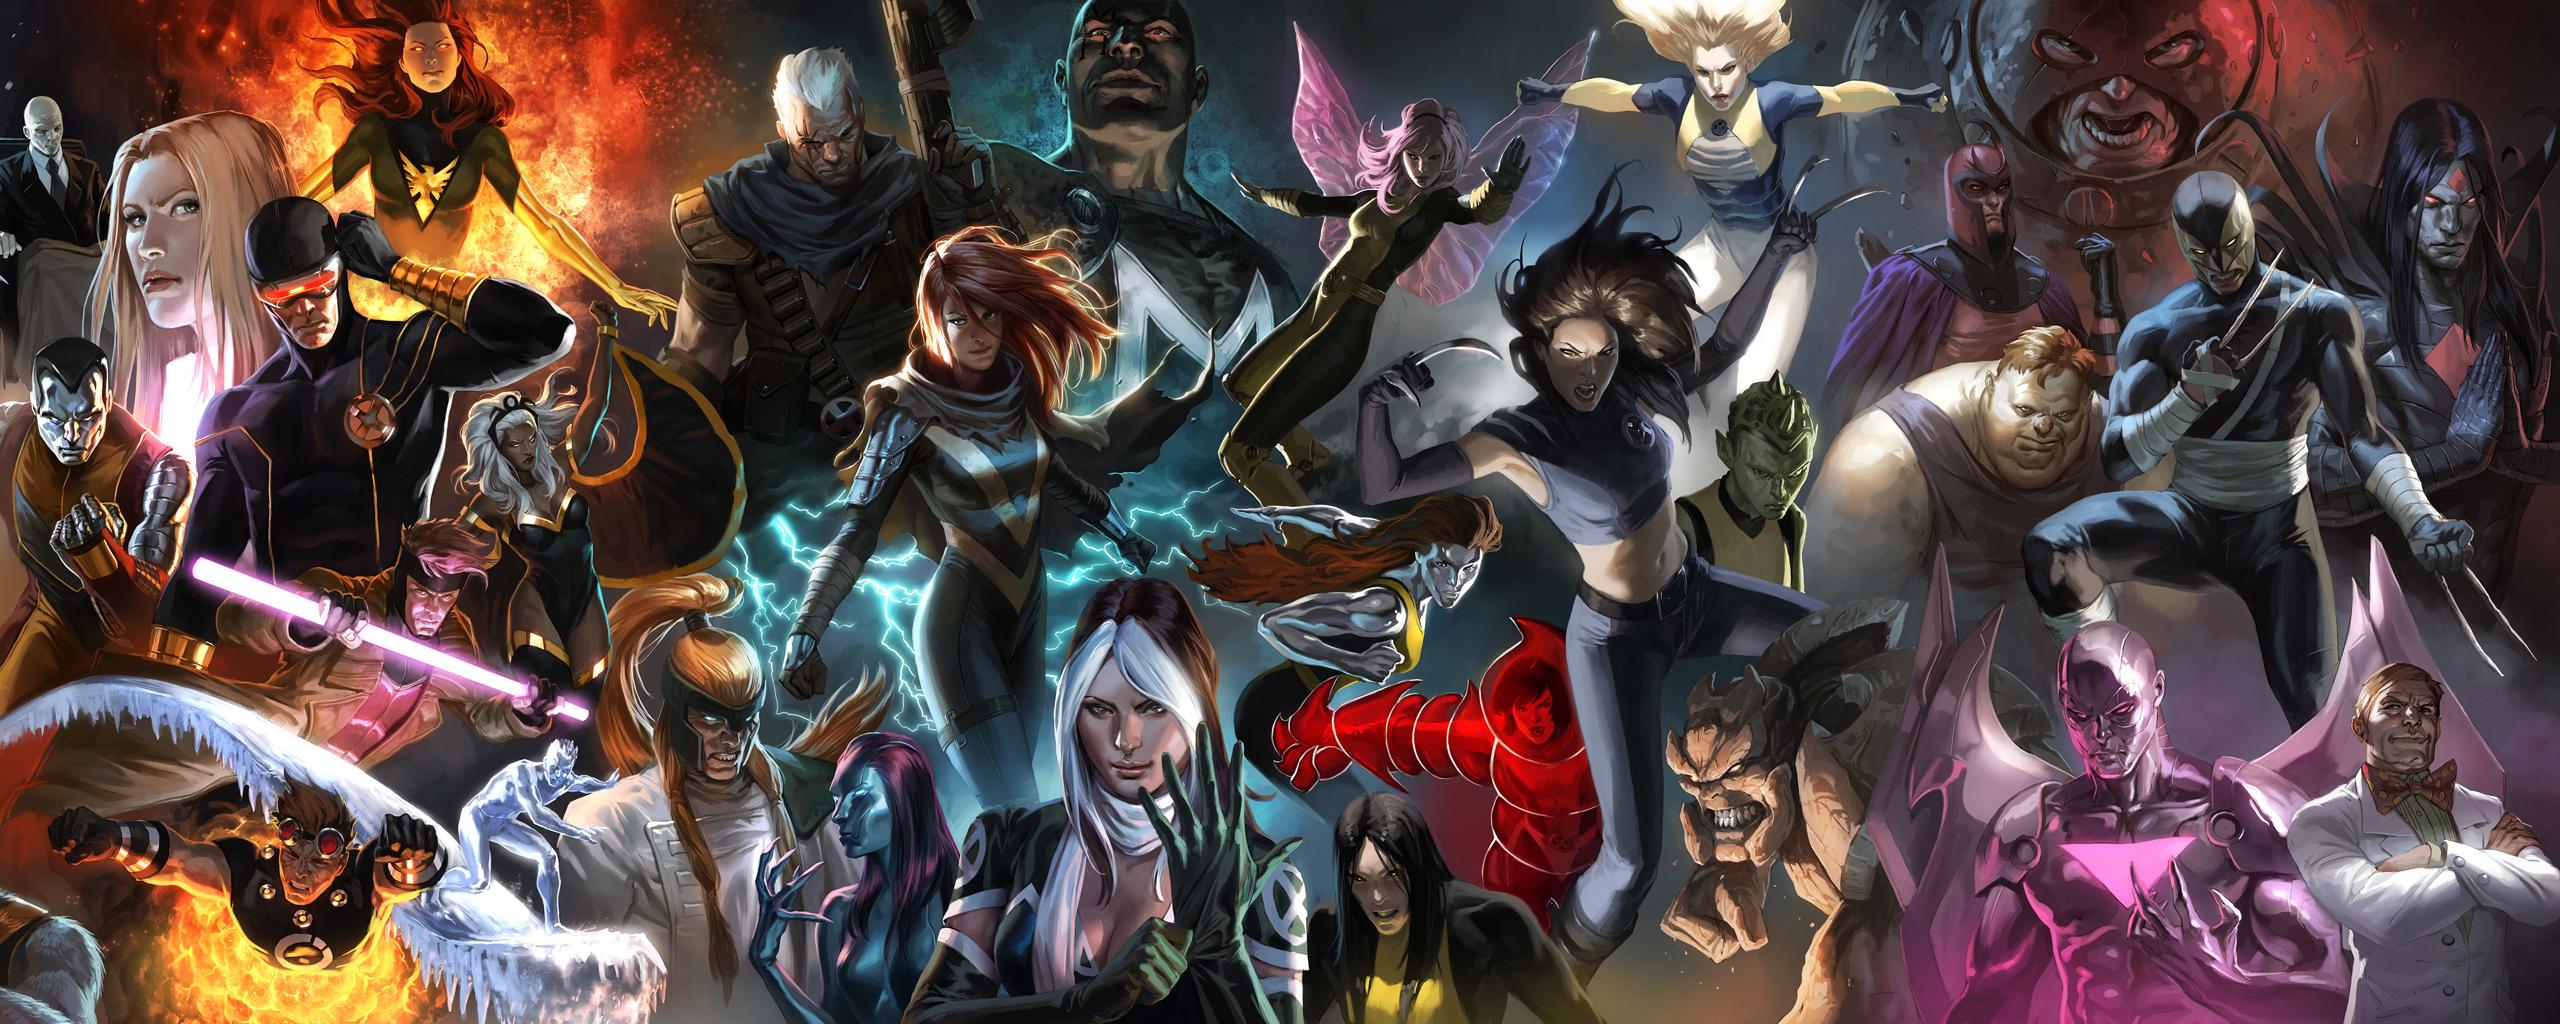 Pin Comics X Men Wallpaper 2560x1024 Xmen Phoenix Storm 2560x1024